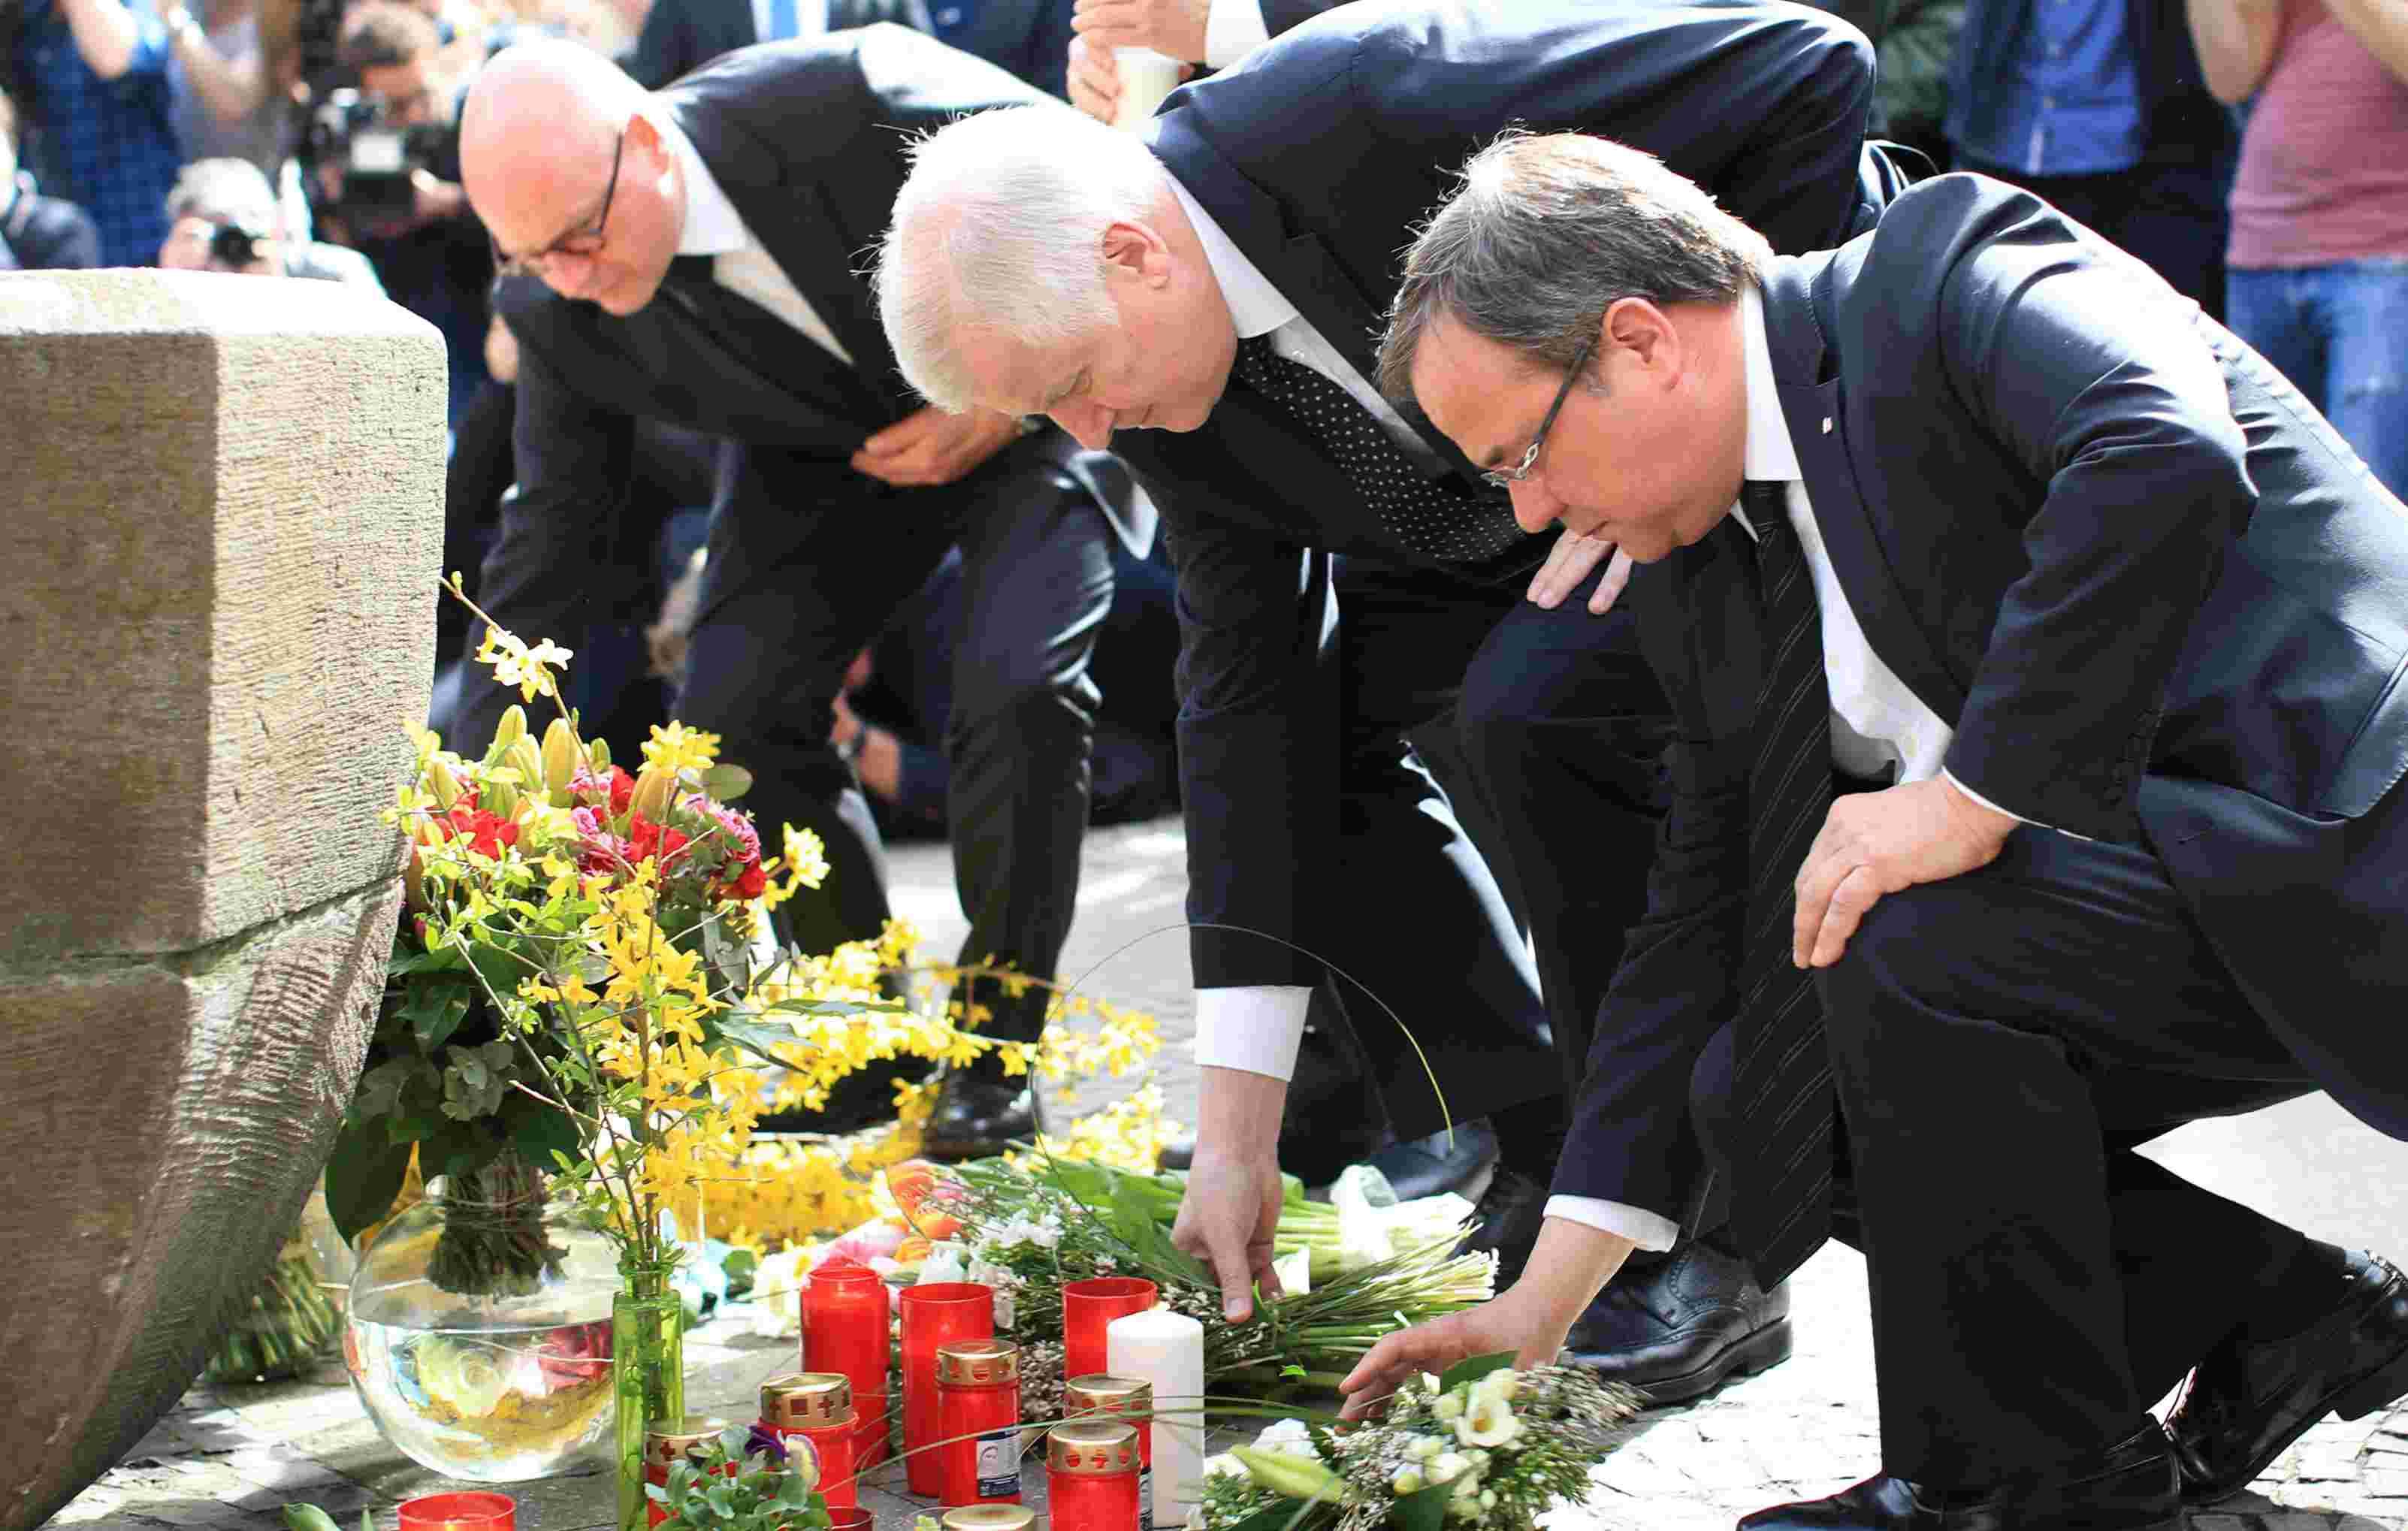 Doble Llave - Markus Lewe, alcalde de Münster, el ministro de Interior alemán y el primer ministro de Renania del Norte-Westfalia, dejaron flores en el lugar de los hechos